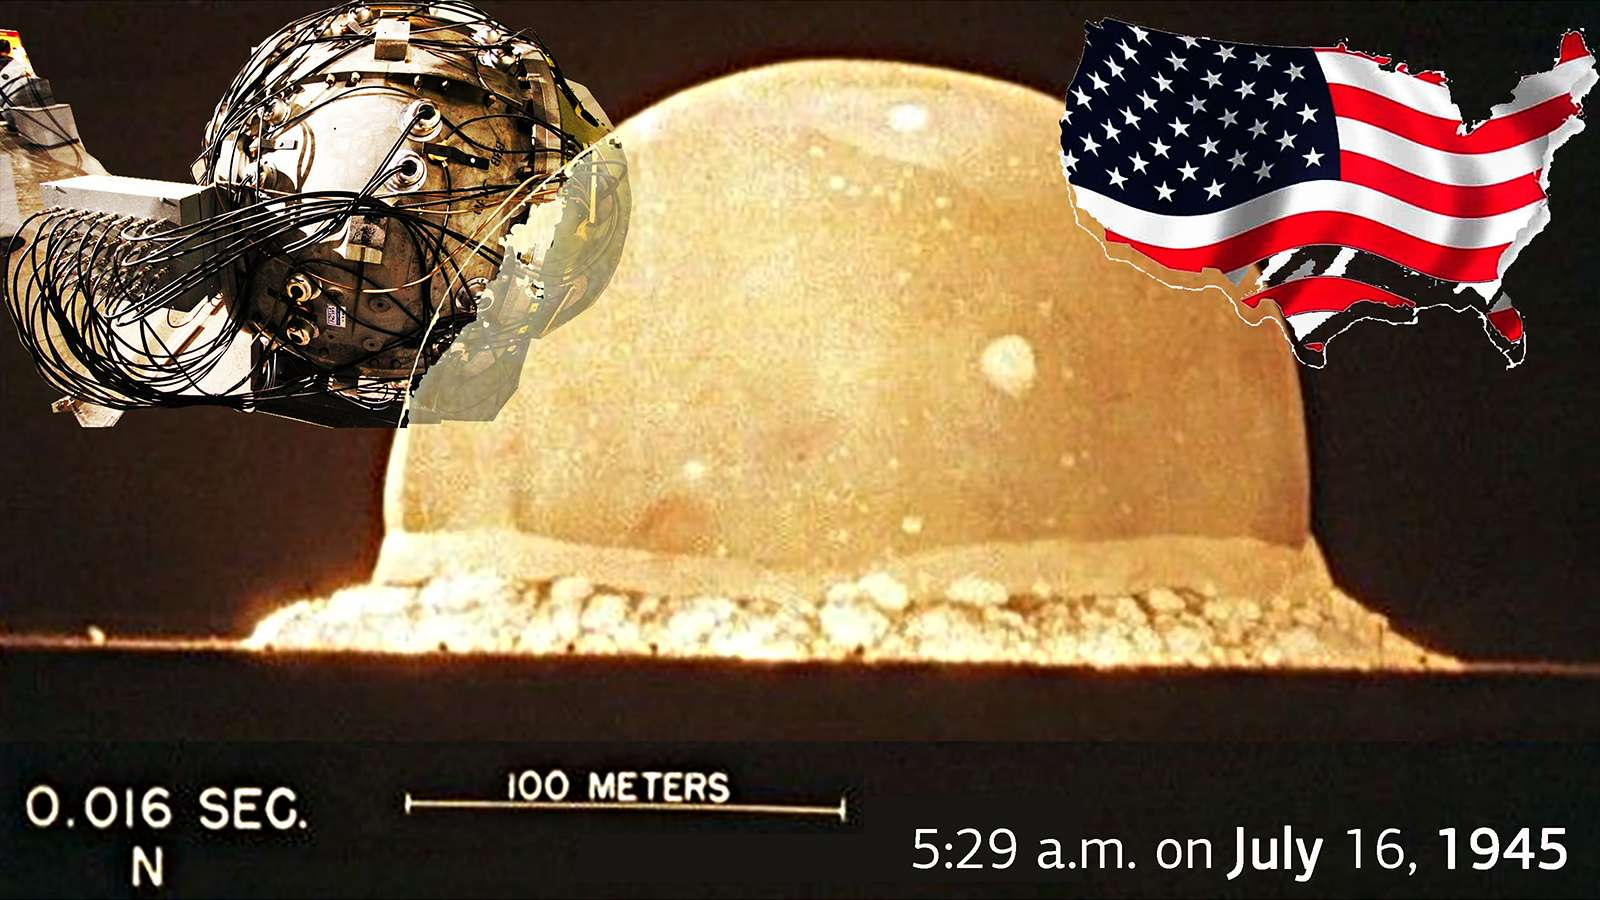 Trinity nuclear test